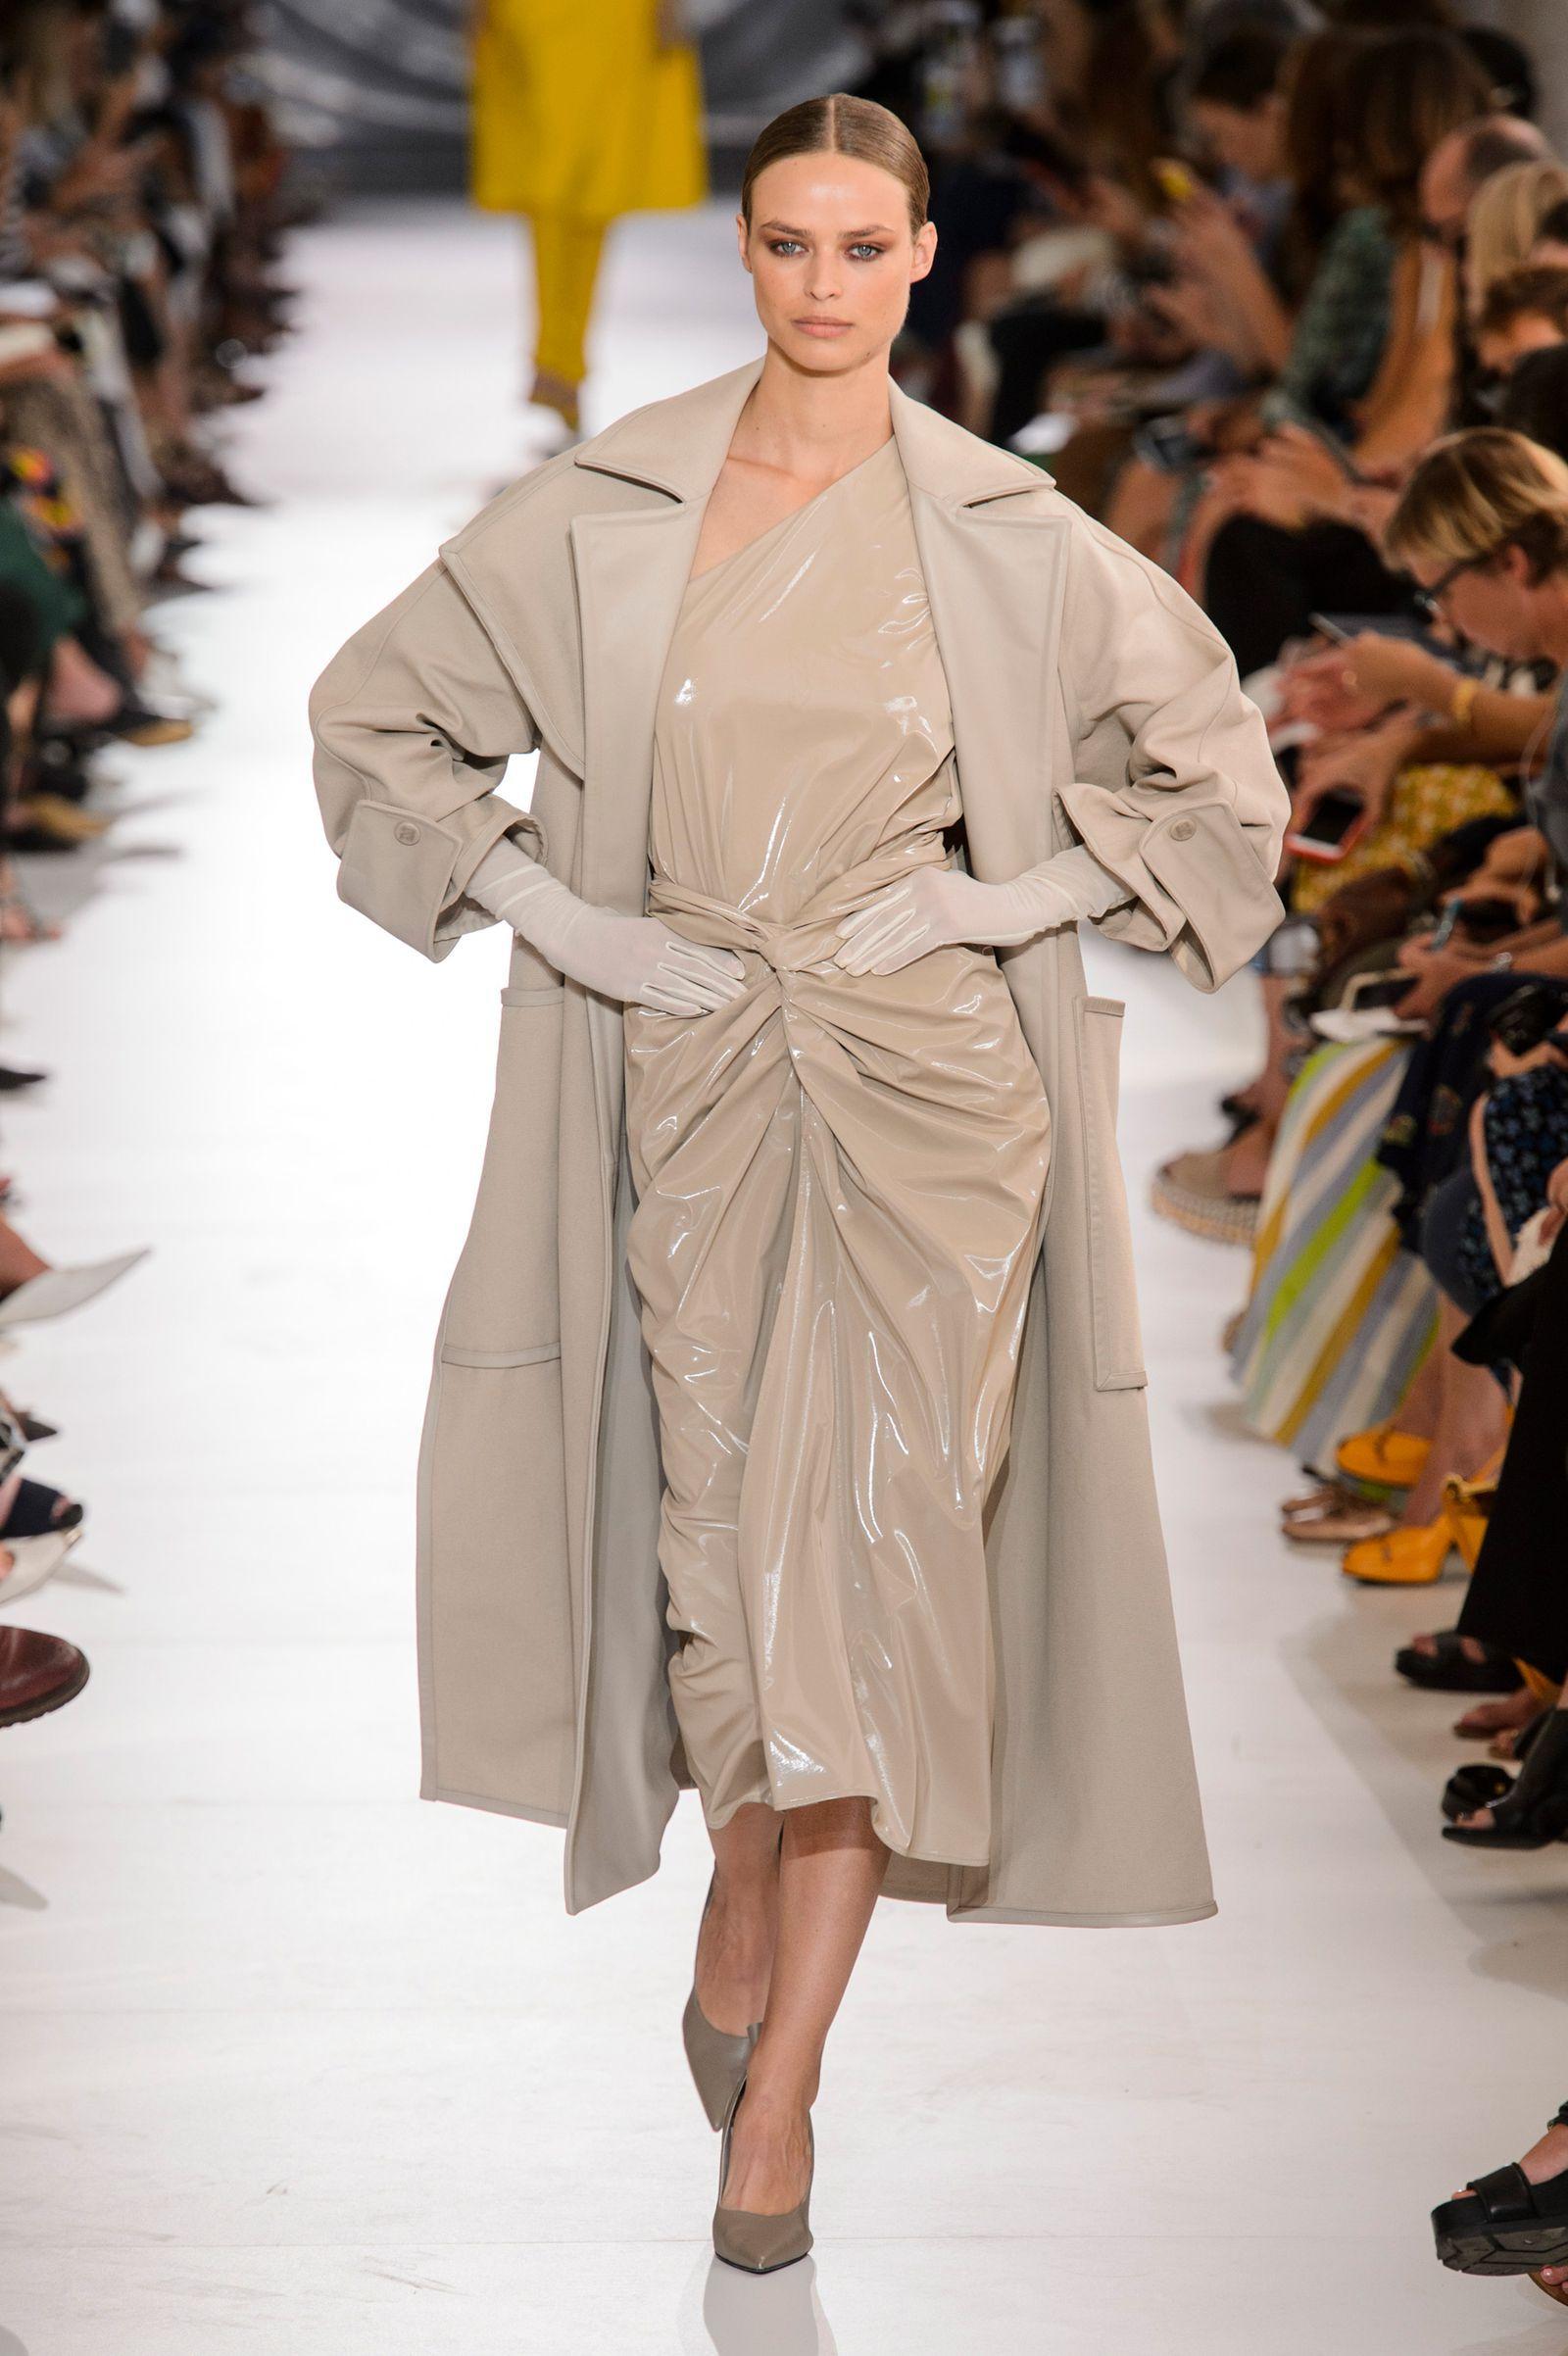 47+ Moda tendenze primavera 2019 ideas